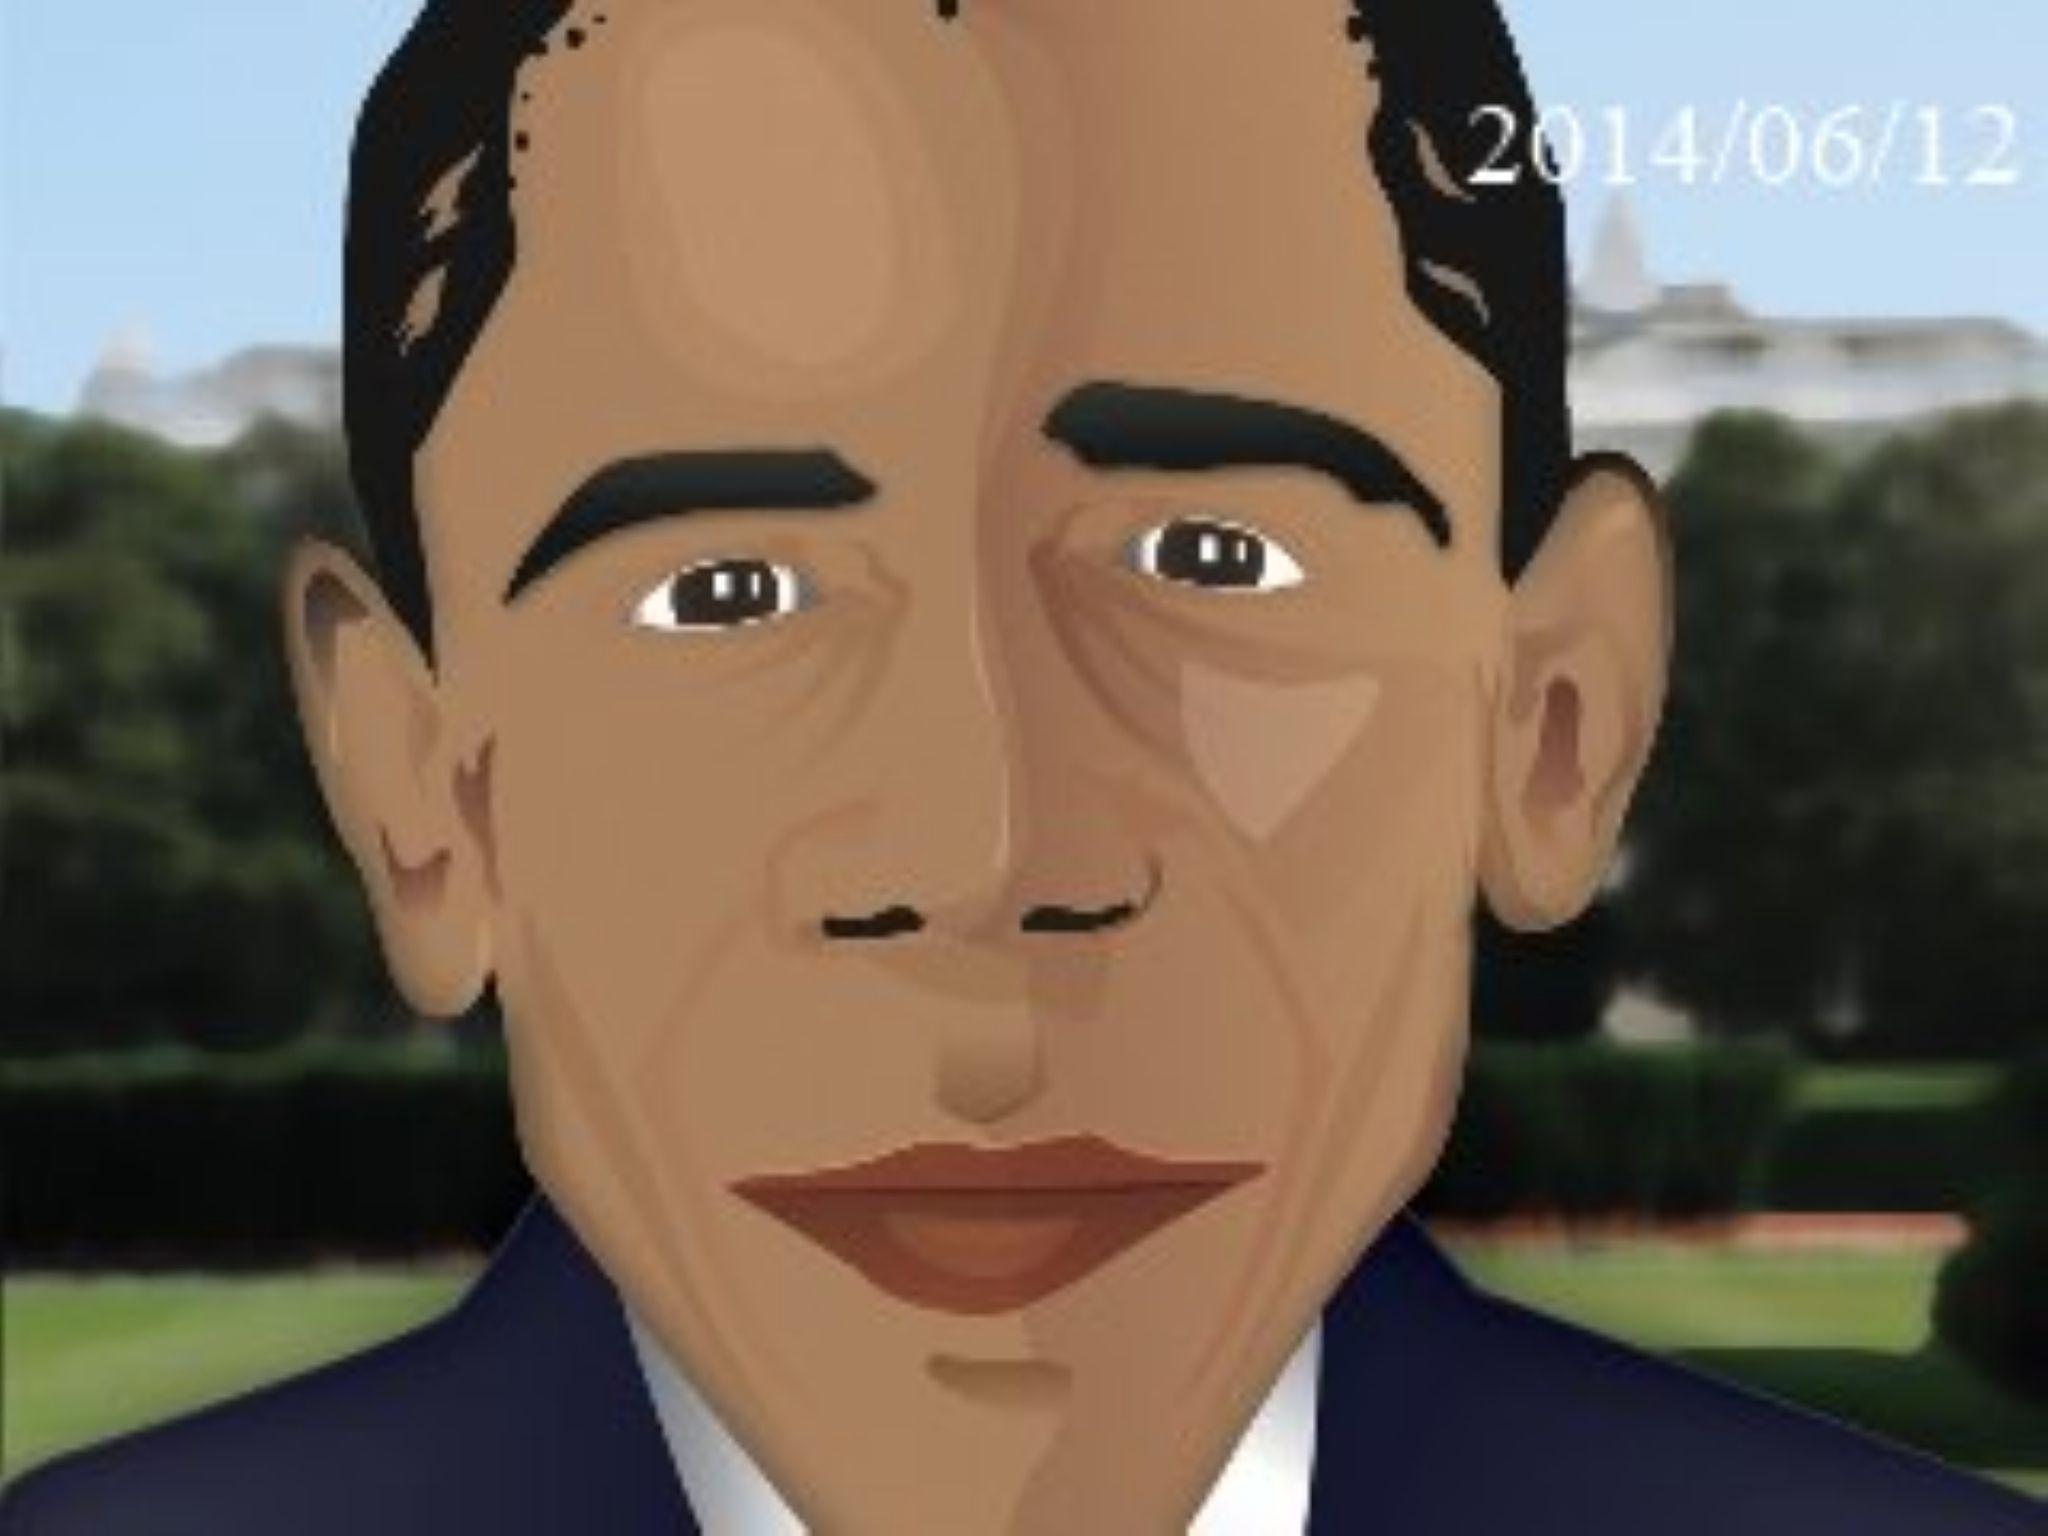 President Obama Lol by Danaisja Darden